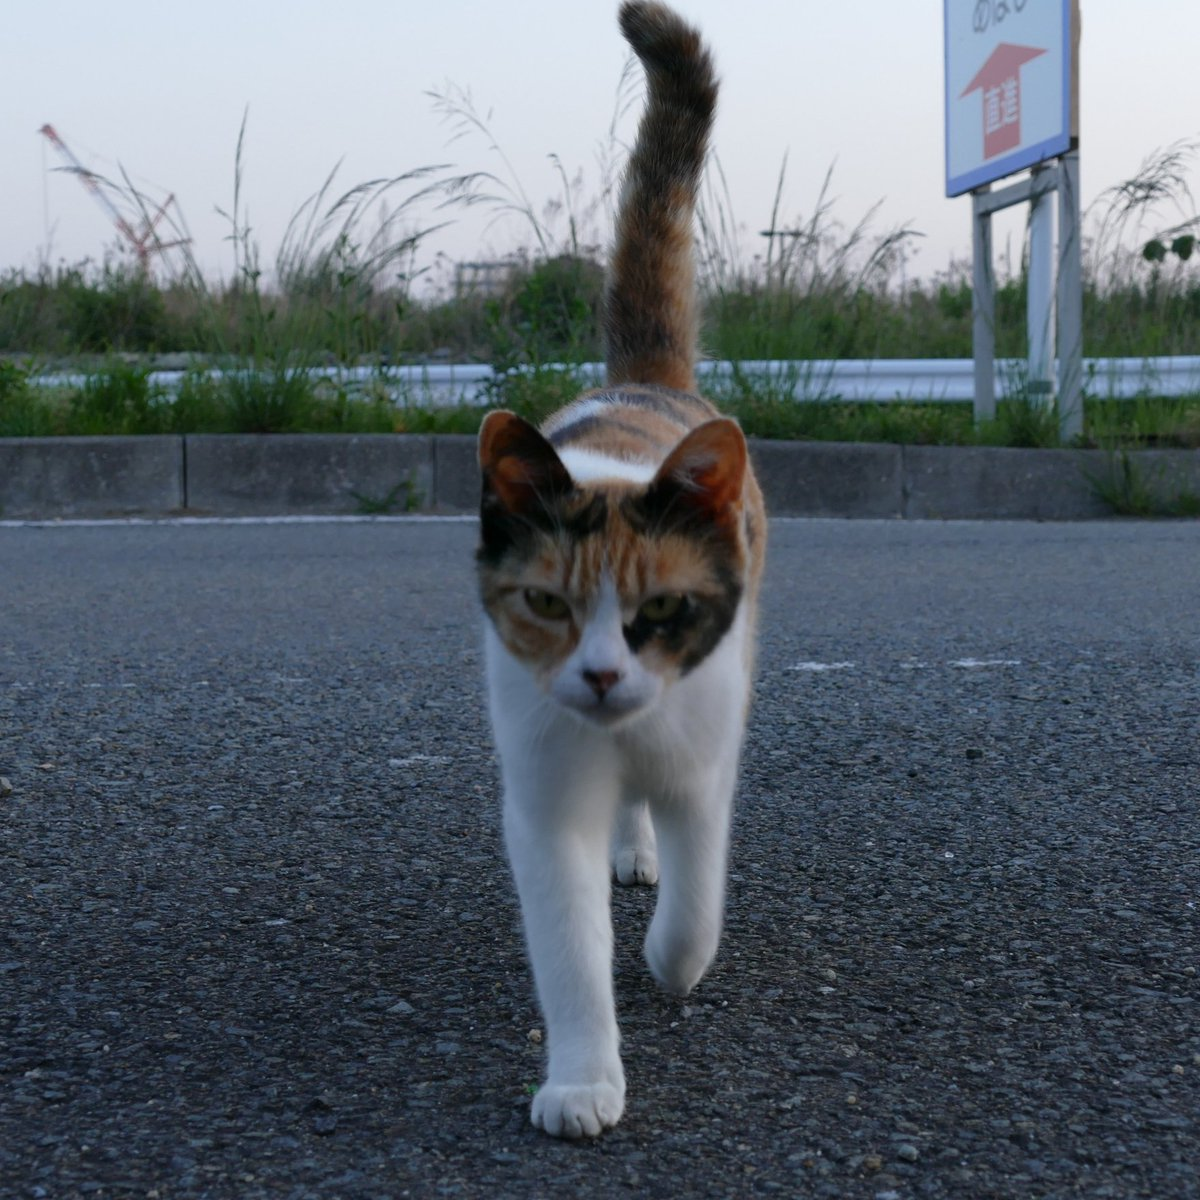 の 気持ち 野良猫 玄関で待ち伏せし、必死で部屋に入りたがる野良猫 その理由とは